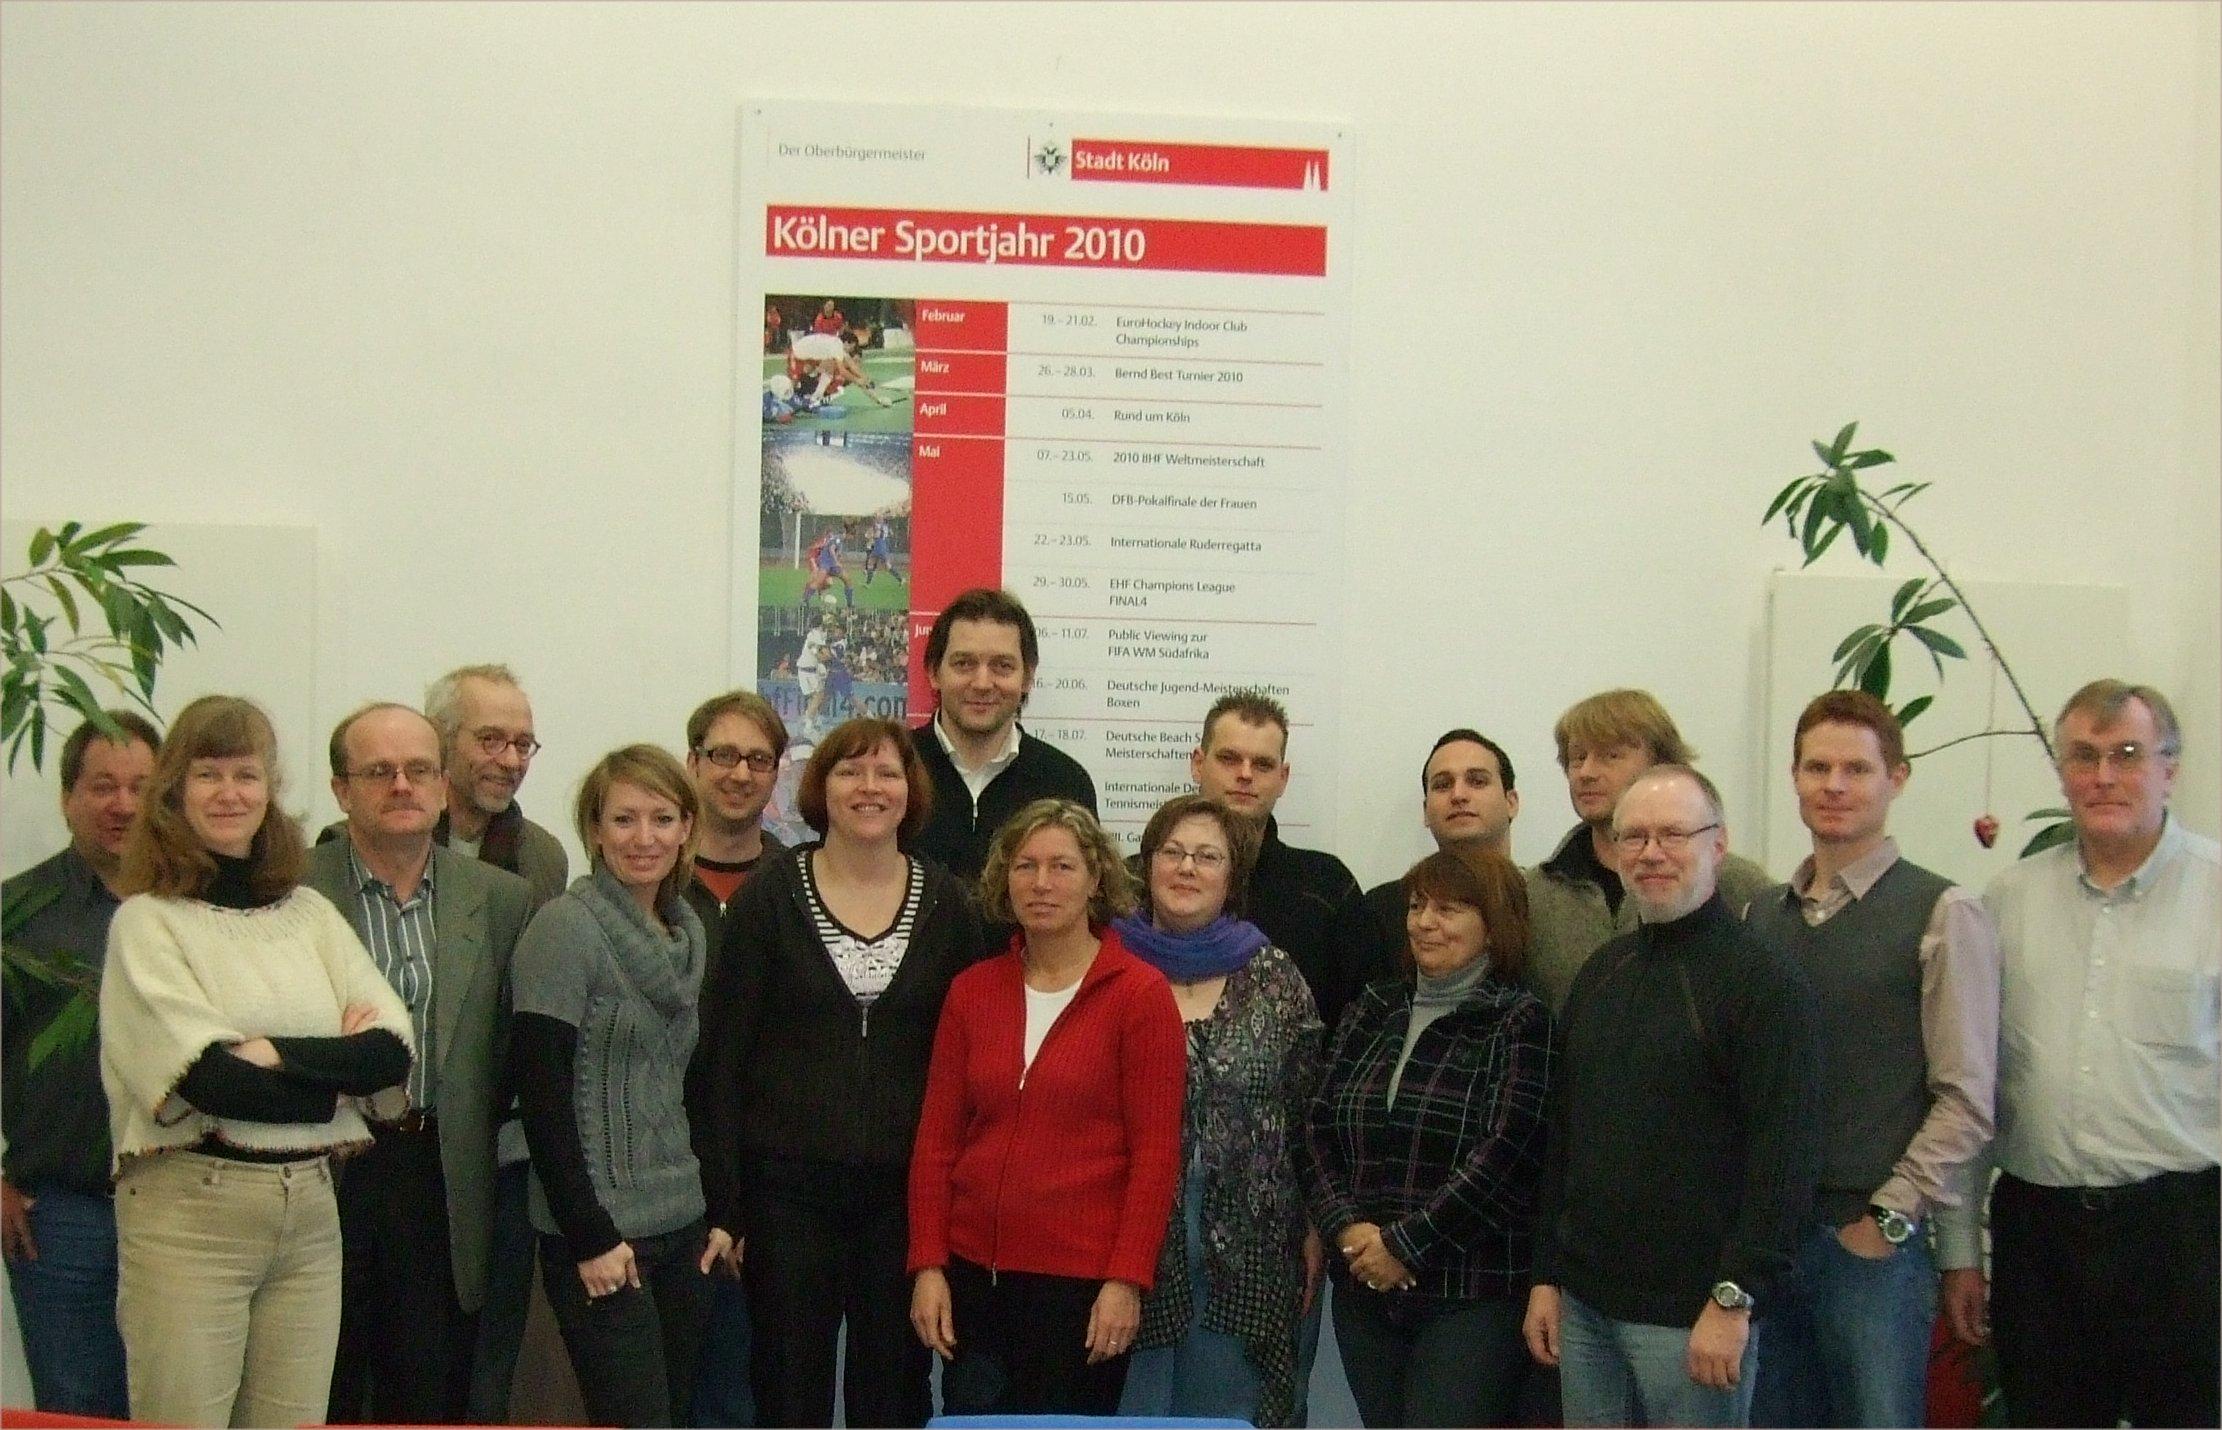 Die erste Vereins-Manager C-Lerngruppe von LSB NRW und SSBK